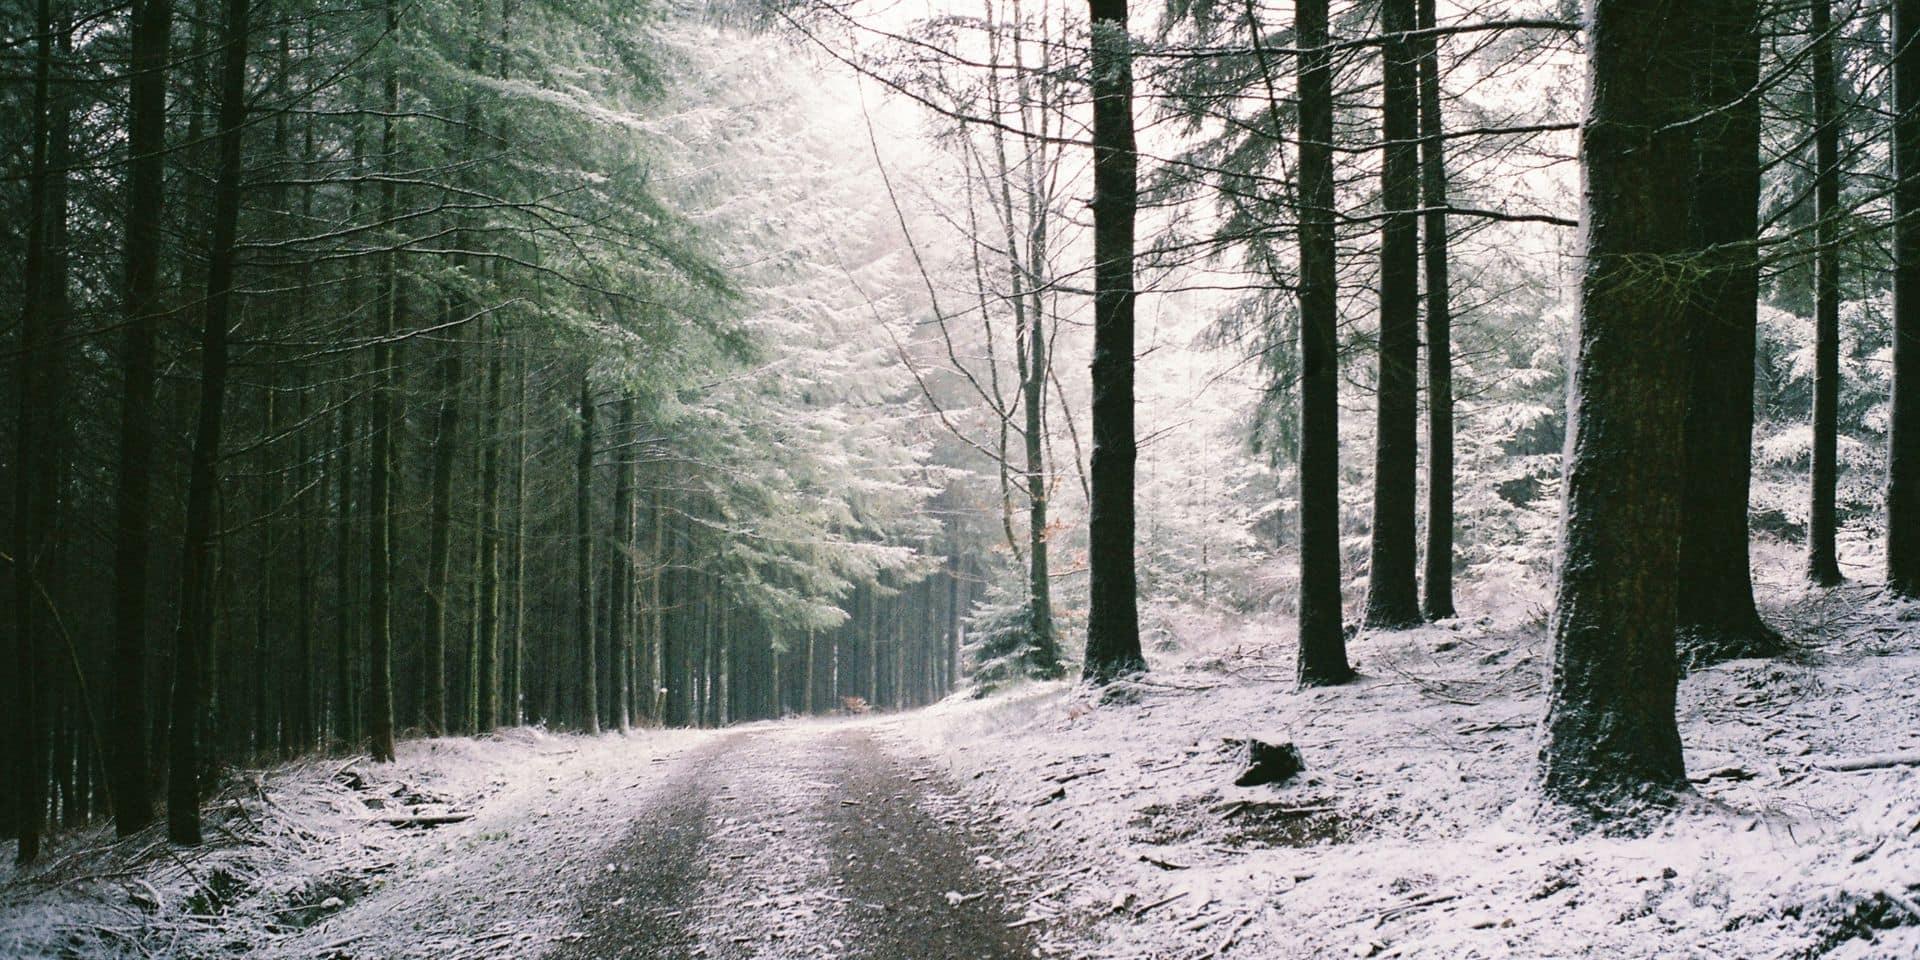 Météo: les premières neiges pourraient bien tomber en fin de semaine